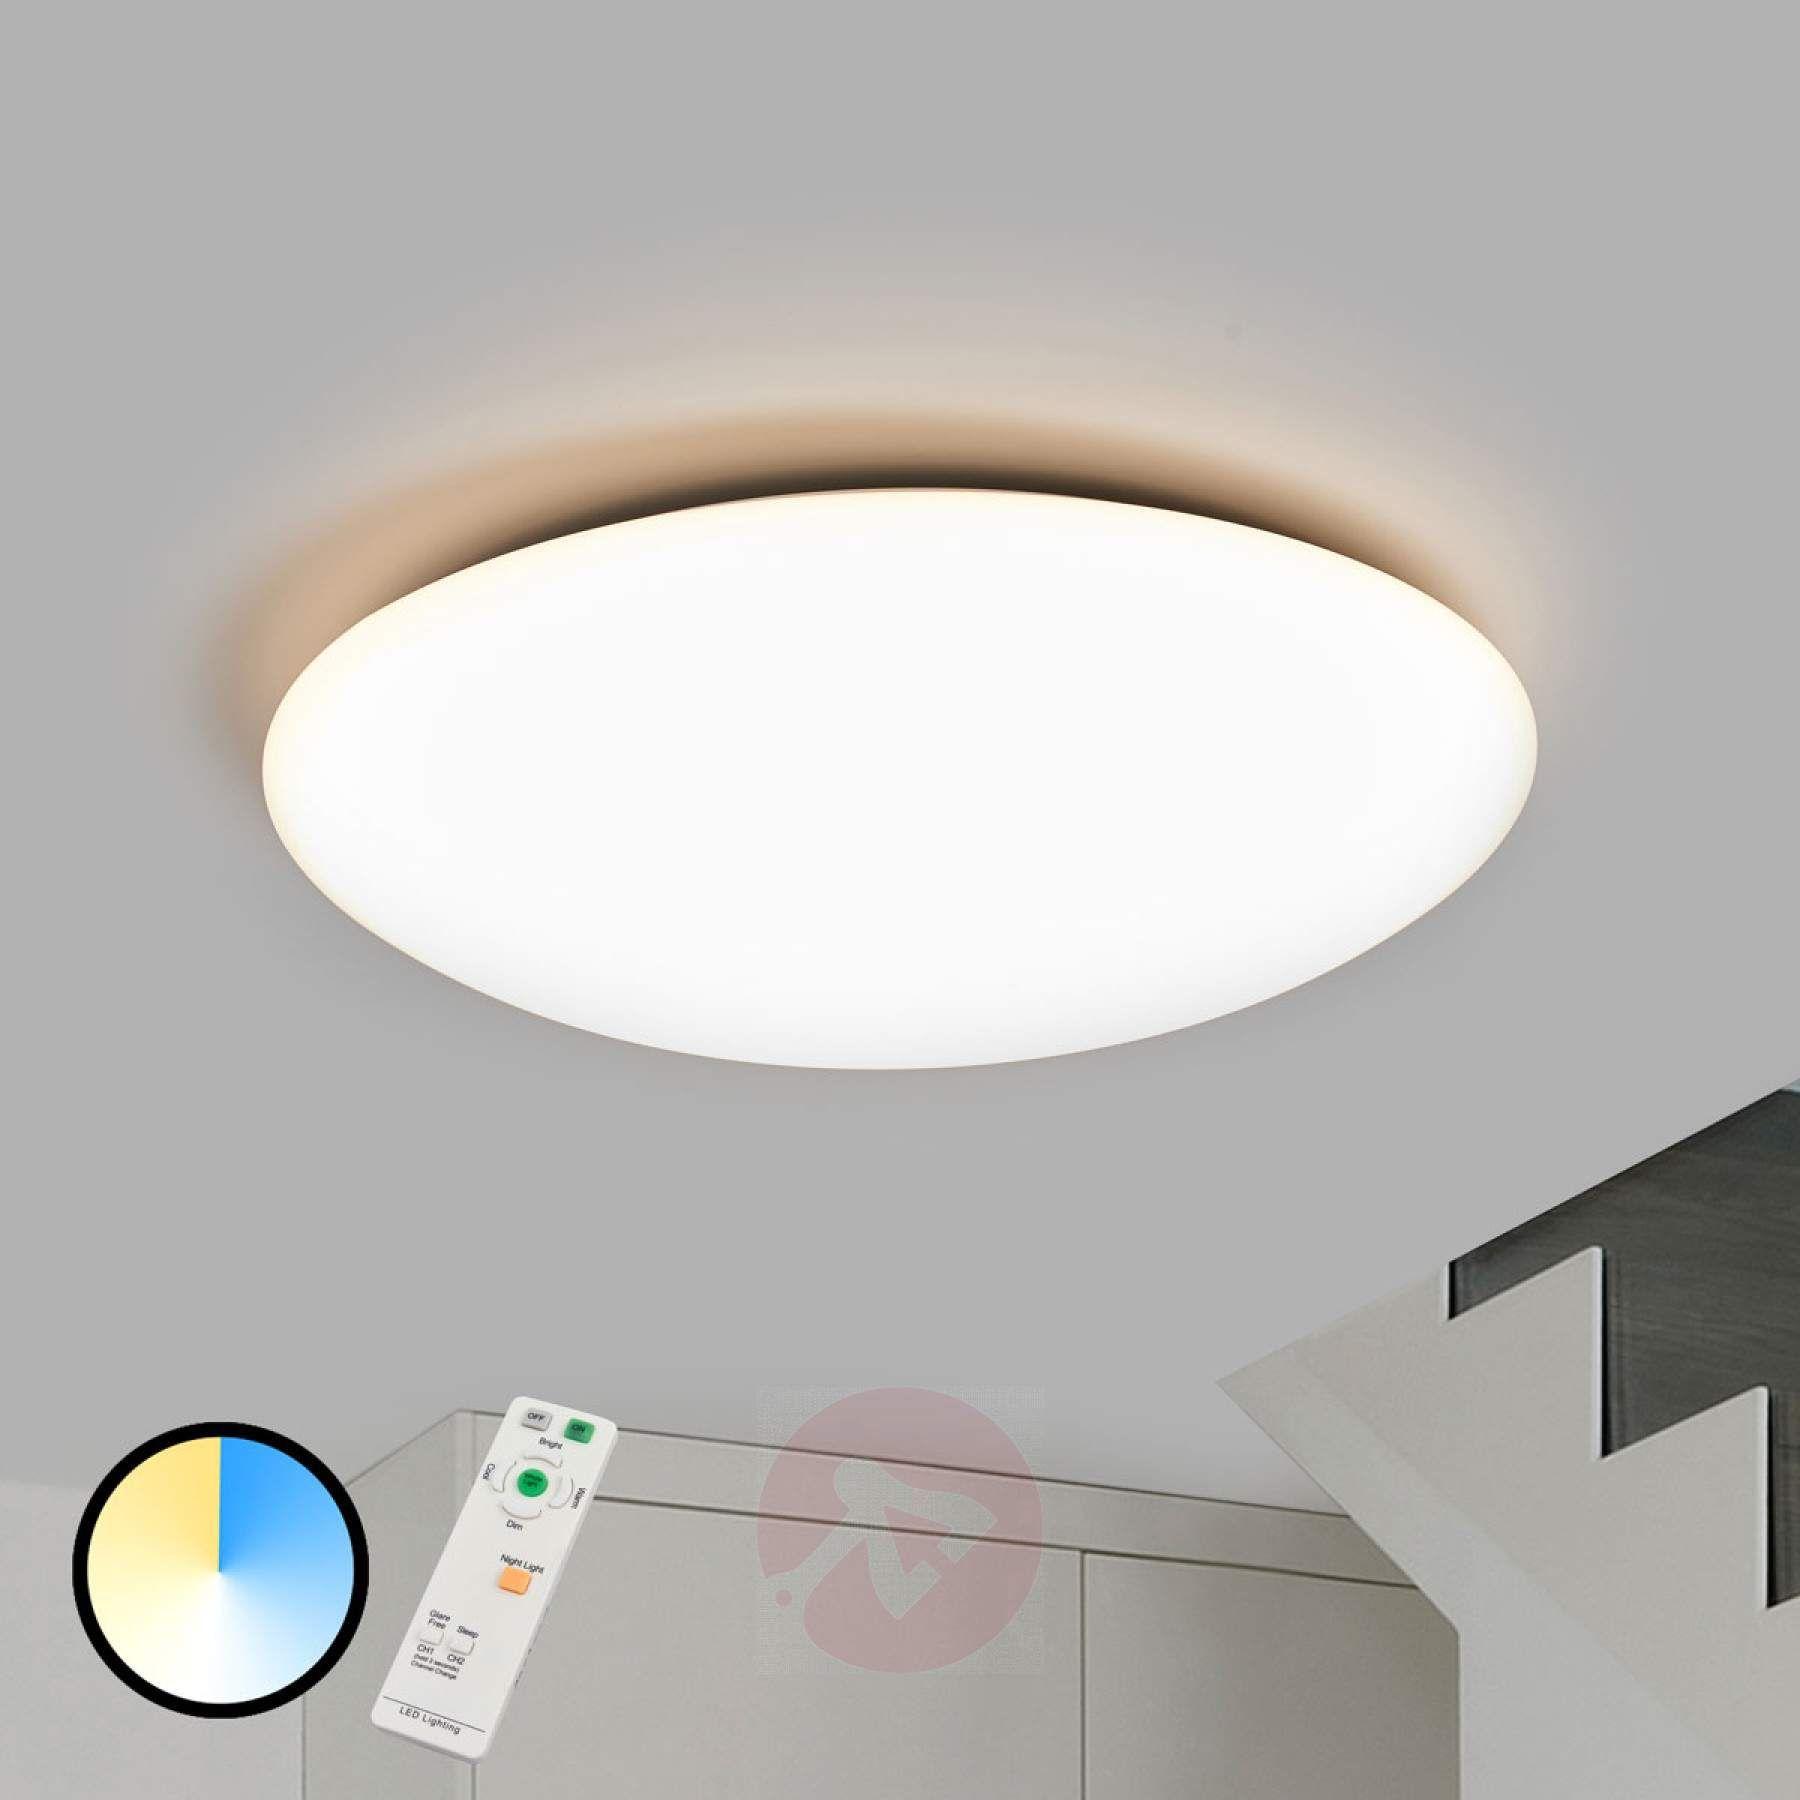 Full Size of Led Wohnzimmerlampe Deckenleuchte Wohnzimmer Lampe Amazon Wohnzimmerlampen Obi Modern Mit Fernbedienung Moderne Lampen Bauhaus Dimmbar Per Schalter Farbwechsel Wohnzimmer Led Wohnzimmerlampe